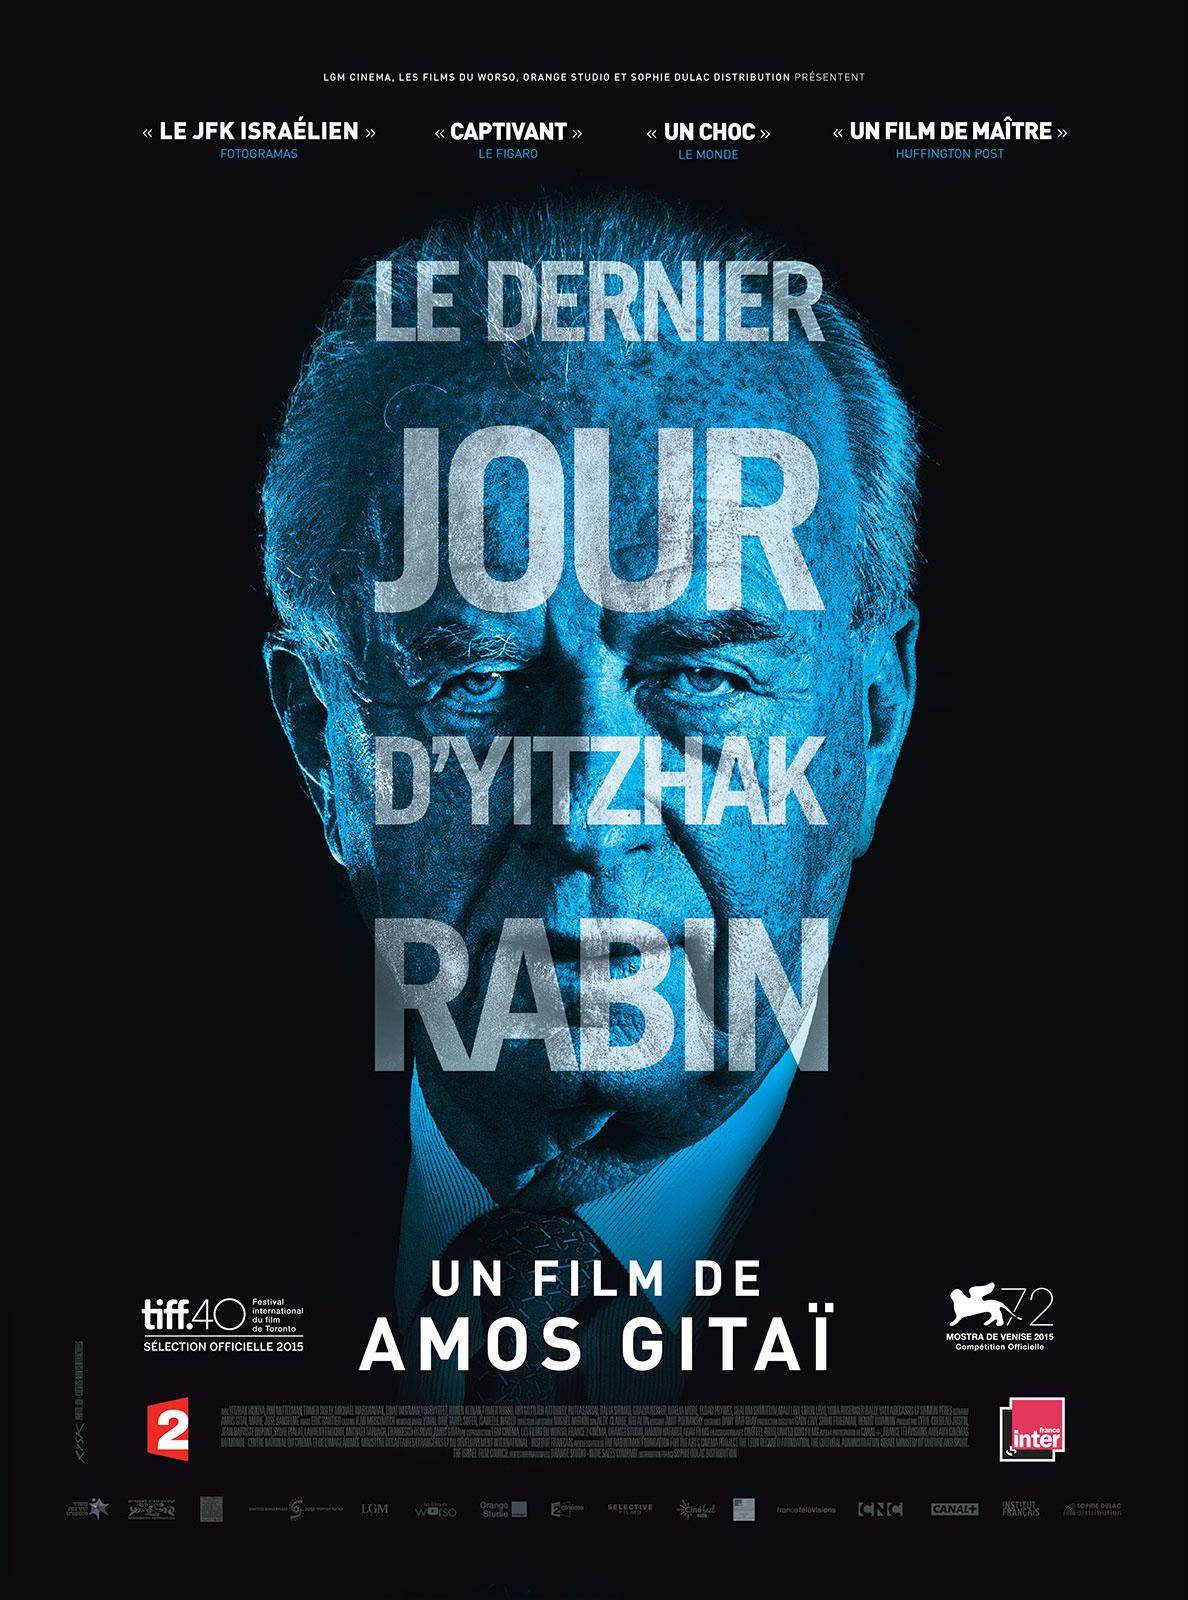 Le dernier jour d?Yitzhak Rabin